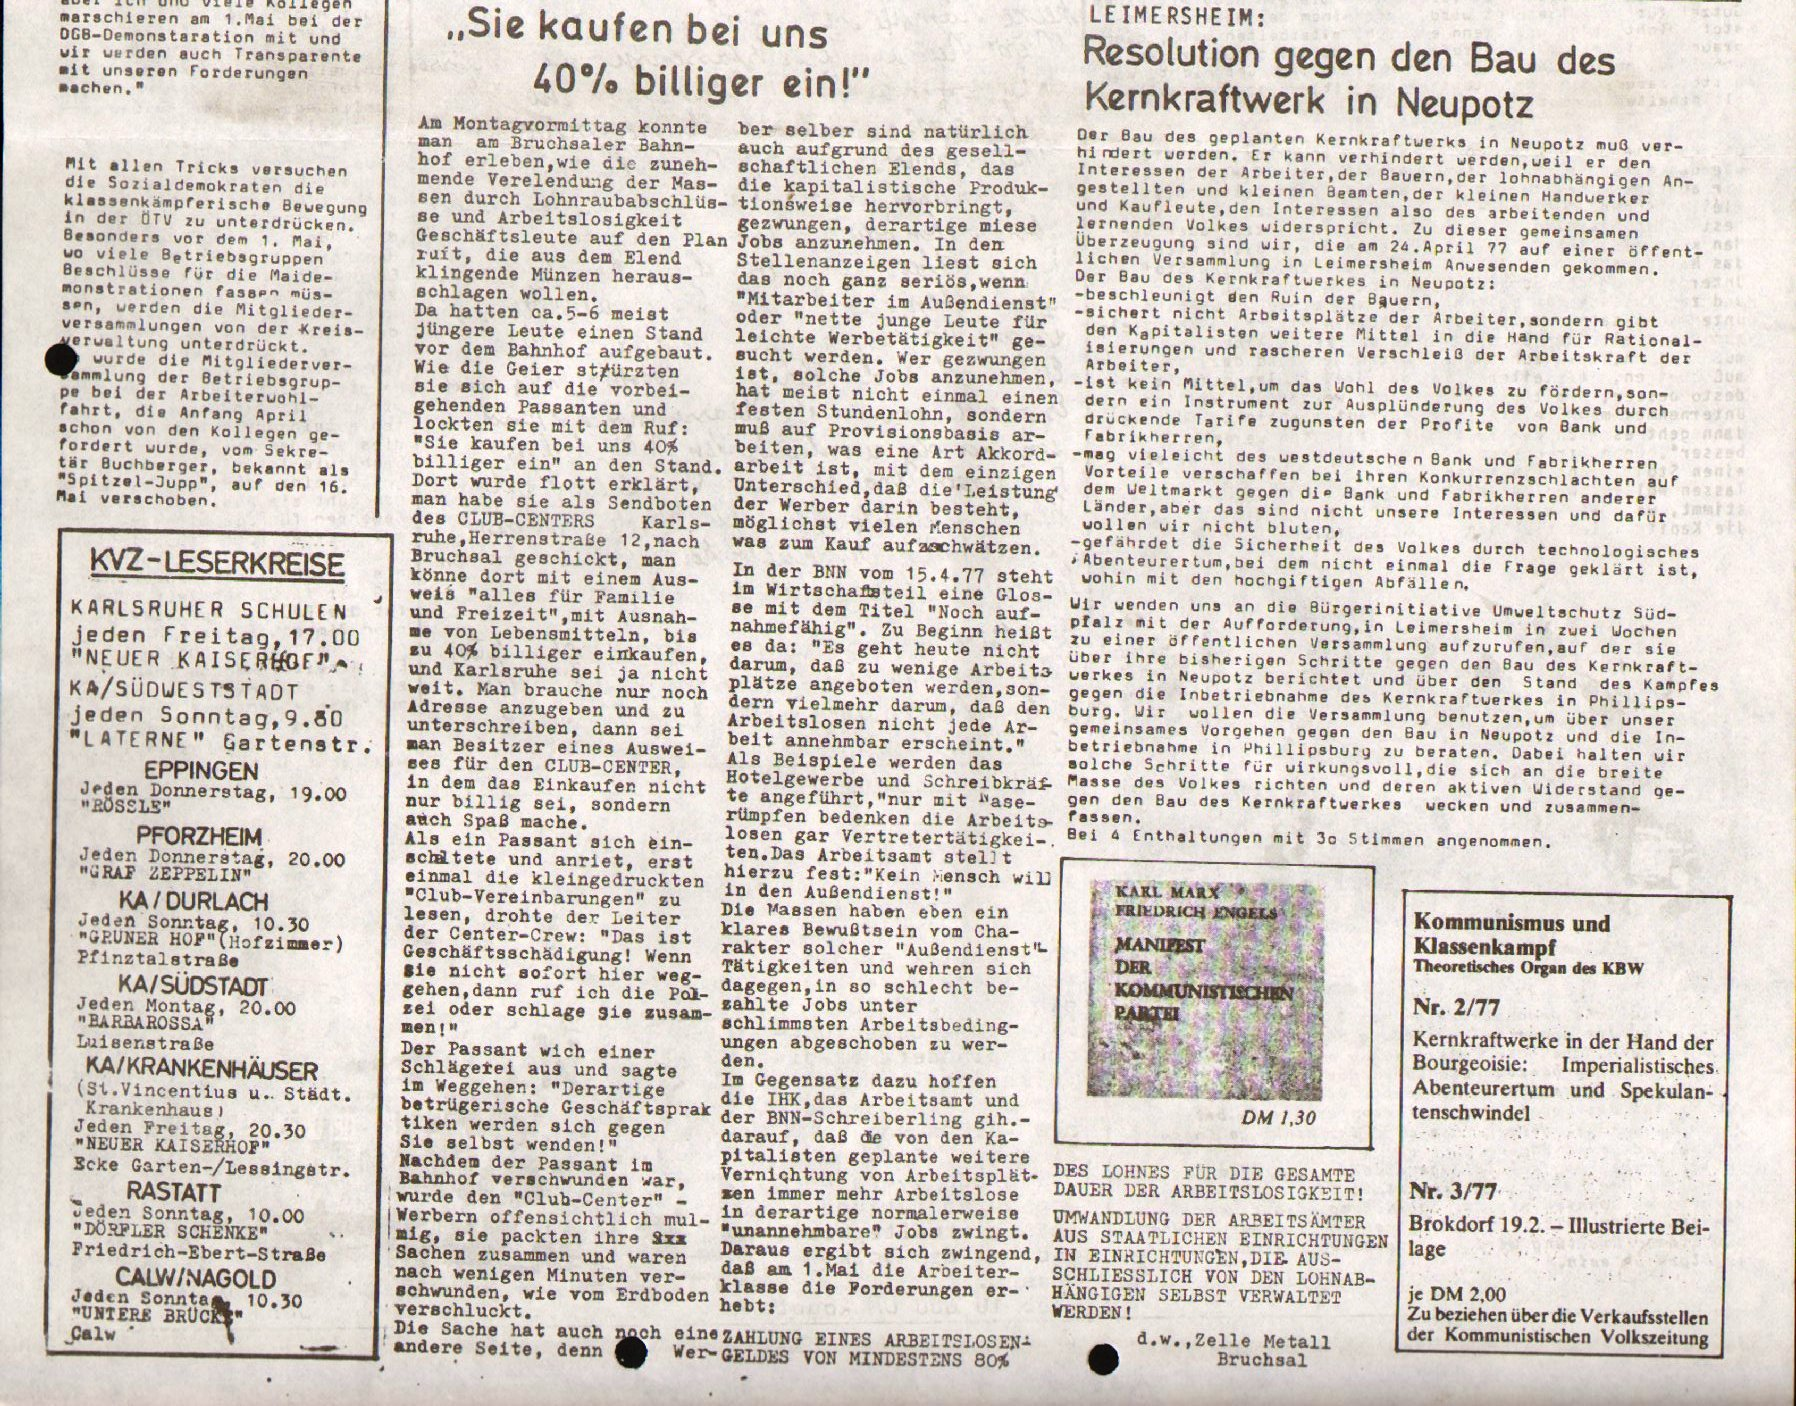 Oberrhein_KVZ279